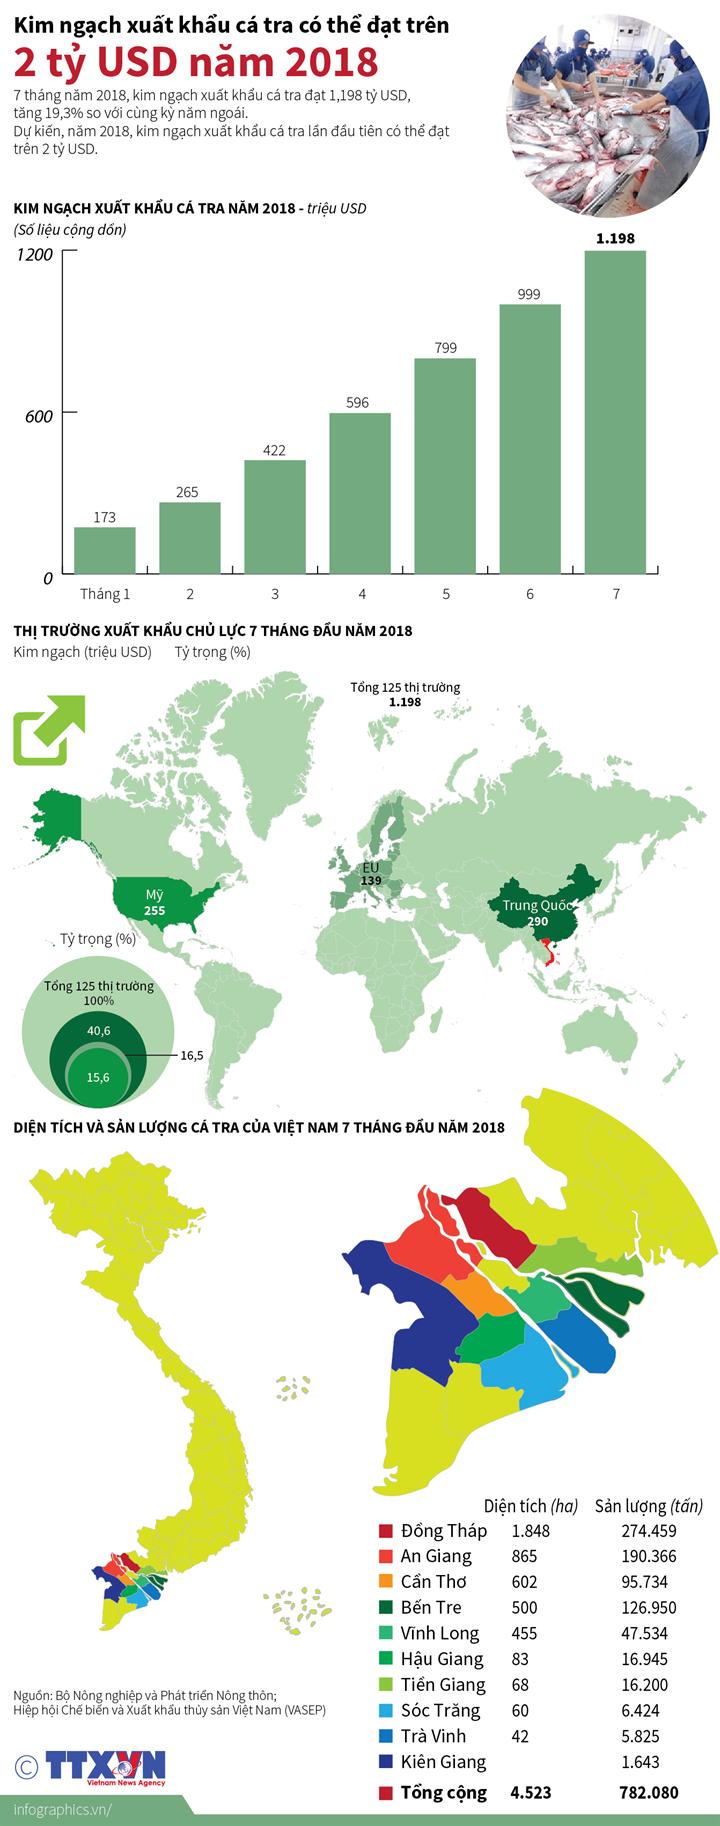 Kim ngạch xuất khẩu cá tra có thể đạt trên 2 tỷ USD năm 2018